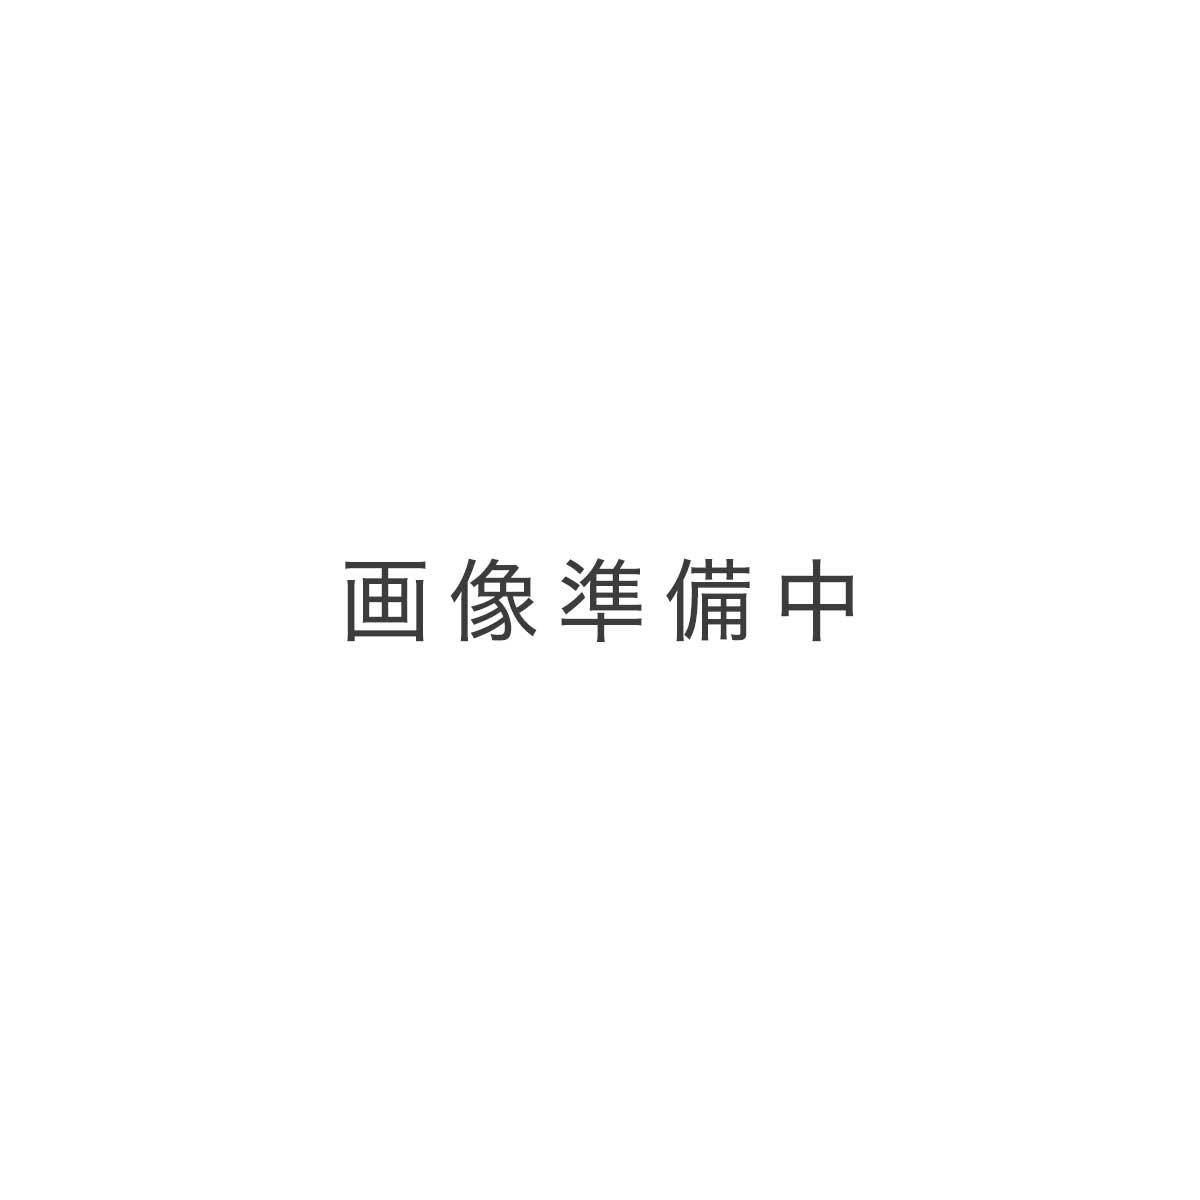 北海道産のうるち米 キララ397 使用の製菓製パンに向いた米粉です 米粉 きらら397 国産品 250g 北海道 グルテンフリー 菓子 市場 キララ 高アミロース 手作り 上新粉 パン